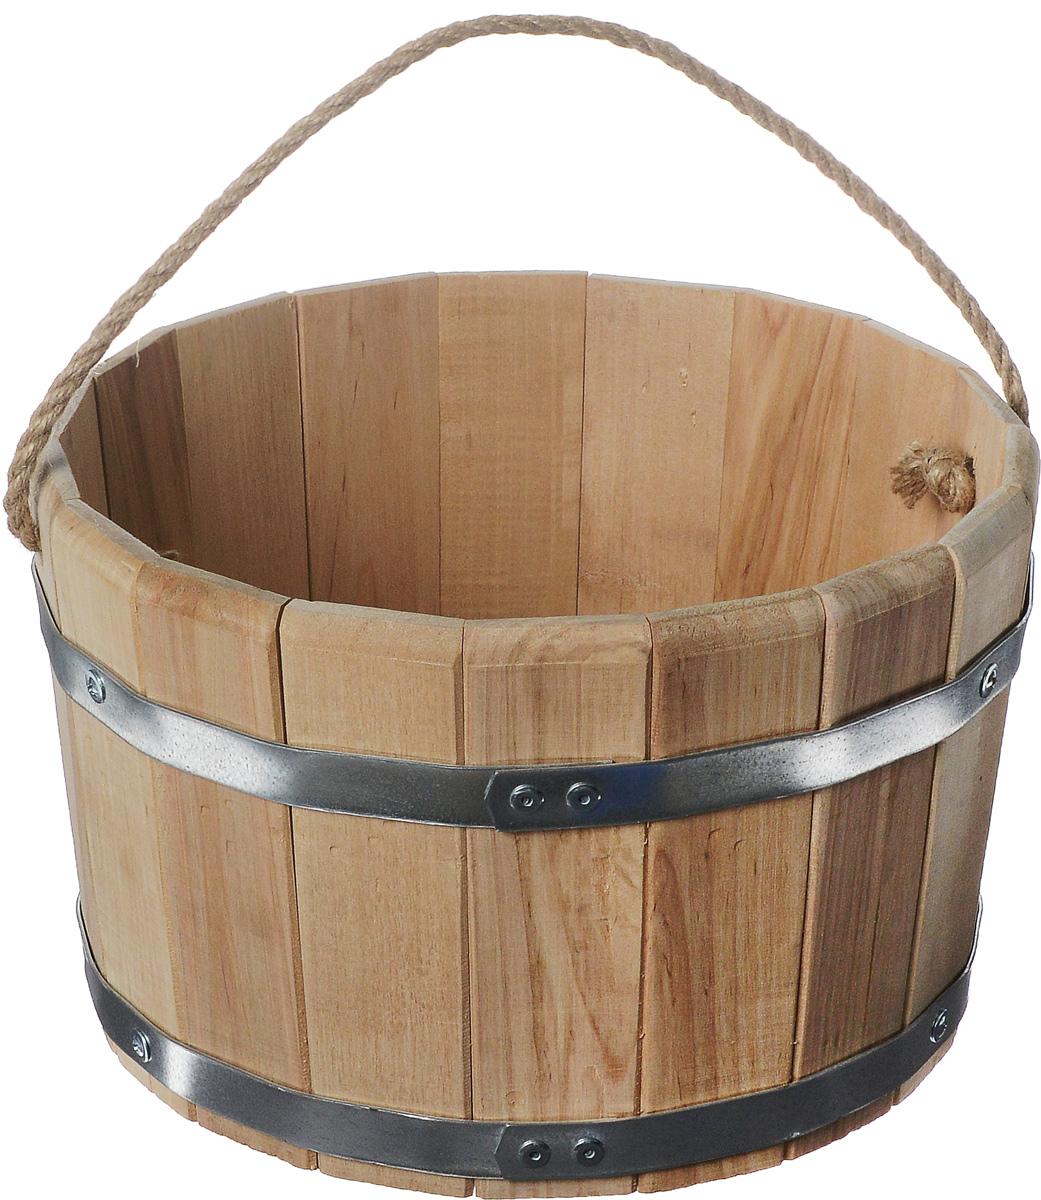 Ведро для бани и сауны Proffi Sauna, 10 лPS0012_ручка веревочнаяВедро Proffi Sauna выполнено из натуральной березы с двумя металлическими обручами и оснащено ручкой из джута. Такое ведро является просто незаменимым банным атрибутом. Эксплуатация бондарных изделий. Перед первым использованием бондарное изделие рекомендуется подготовить. Для этого нужно наполнить изделие холодной водой и оставить наполненным на 2-3 часа. Затем необходимо воду слить, обдать изделие сначала горячей, потом холодной водой. Не рекомендуется оставлять бондарные изделия около нагревательных приборов, а также под длительным воздействием прямых солнечных лучей. С момента начала использования бондарного изделия не рекомендуется оставлять его без воды на срок более 1 недели. Но и продолжительное время хранить в таких изделиях воду тоже не следует. После каждого использования необходимо вымыть и ошпарить изделие кипятком. В качестве моющих средств желательно использовать пищевую соду либо раствор горчичного порошка. Правильное обращение с...